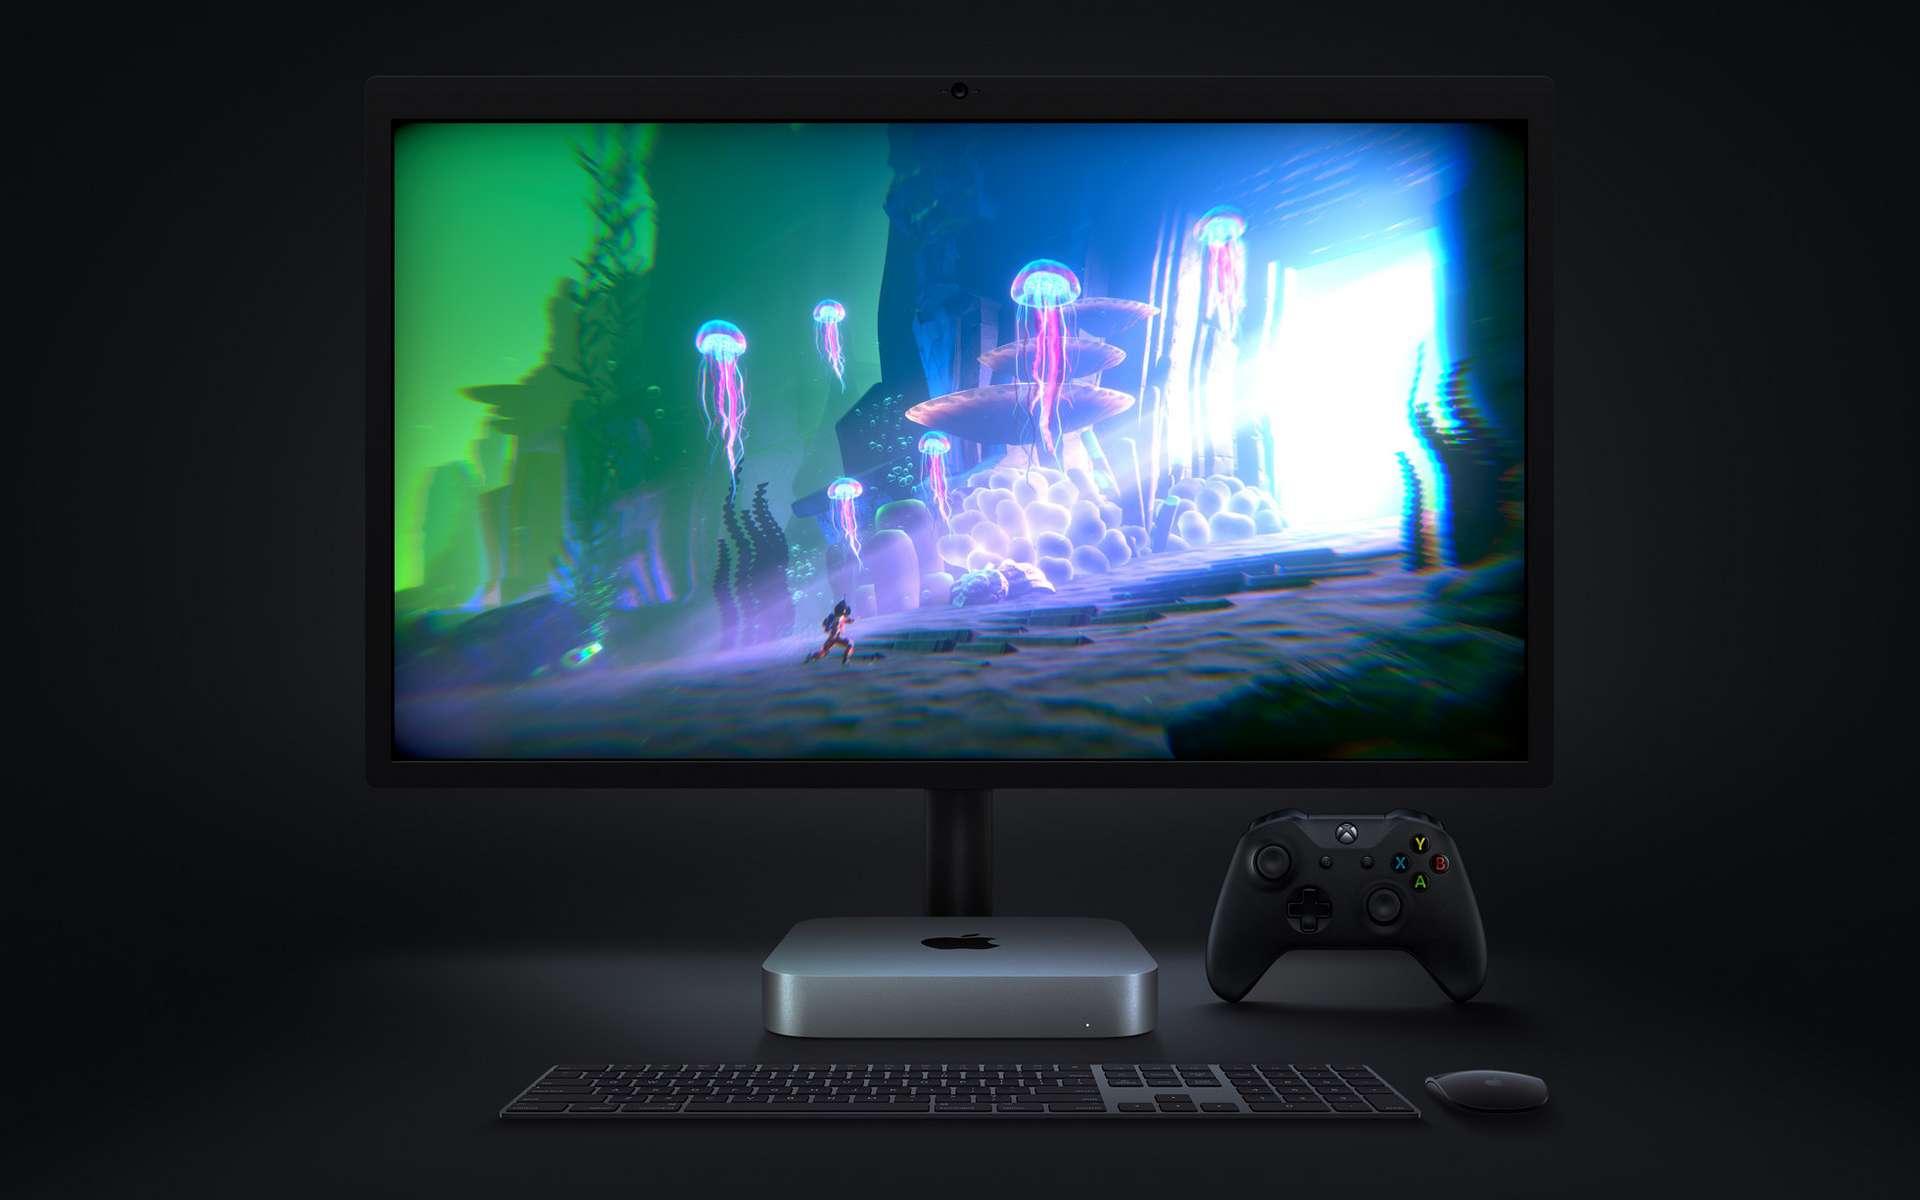 Le Mac Mini fait partie des ordinateurs qui seront équipés de ce nouveau chipset. © Apple